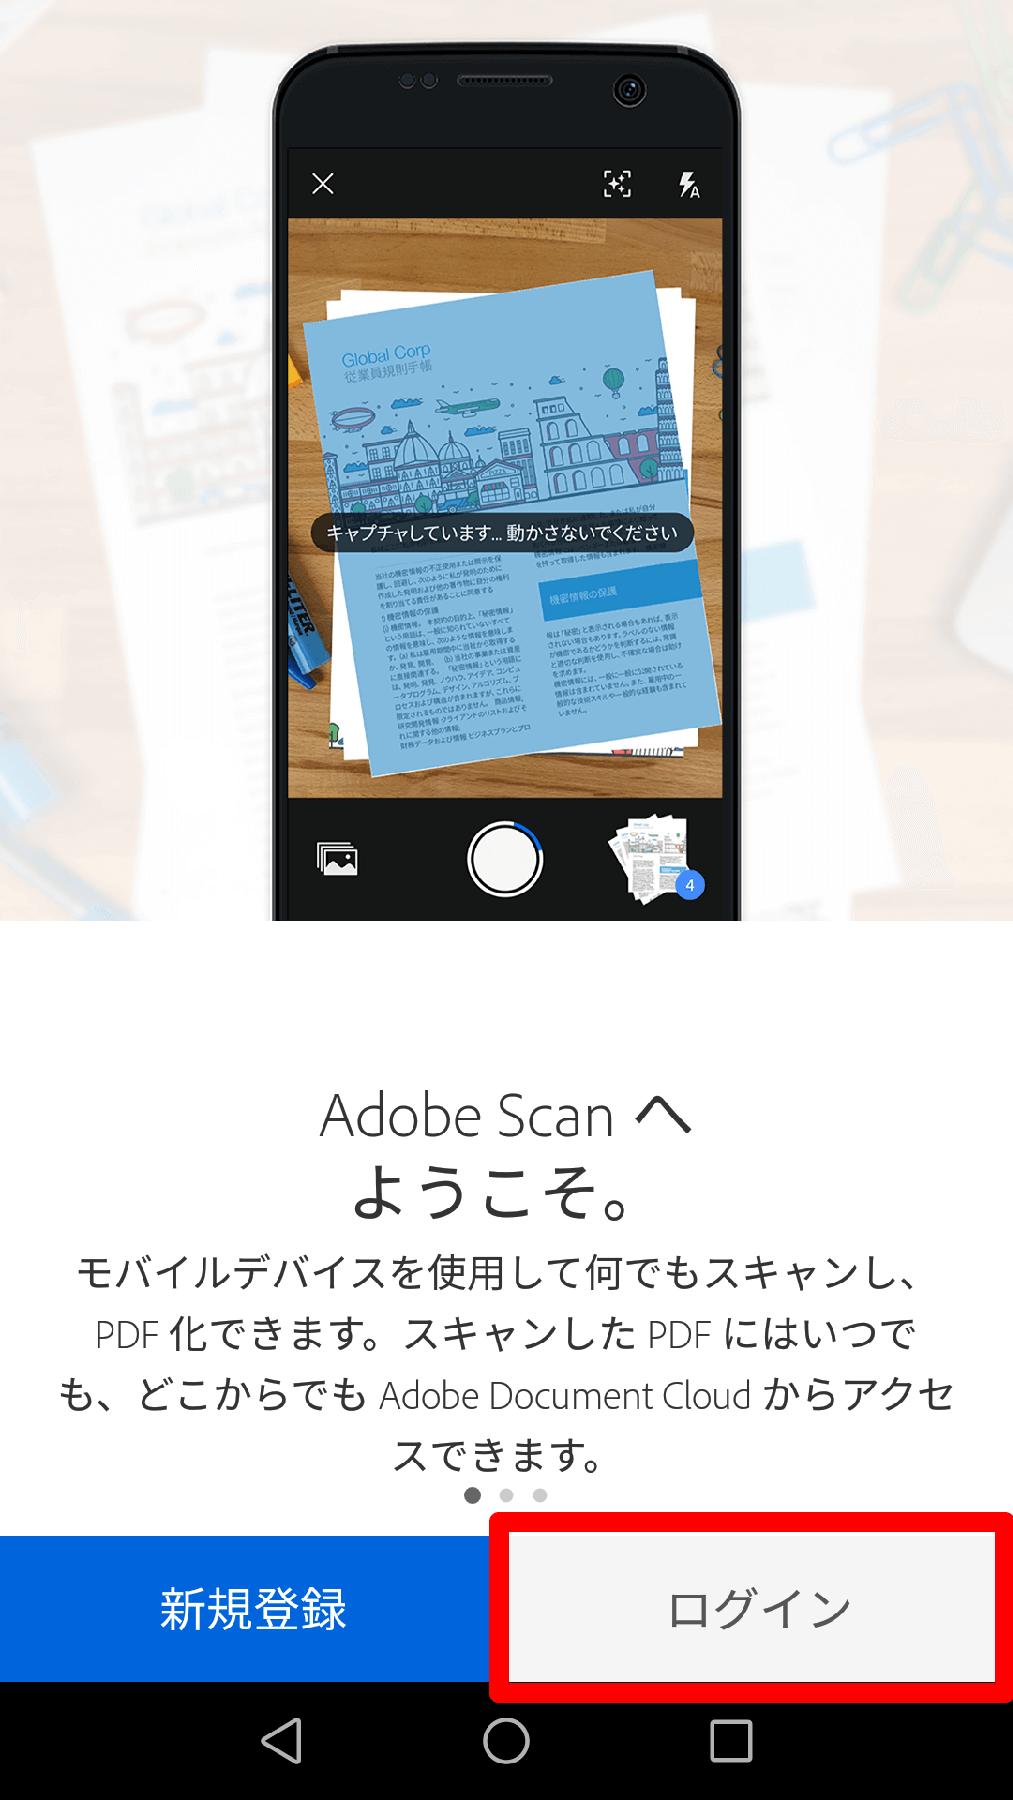 アドビスキャンの[Adobe Scanへようこそ。]画面